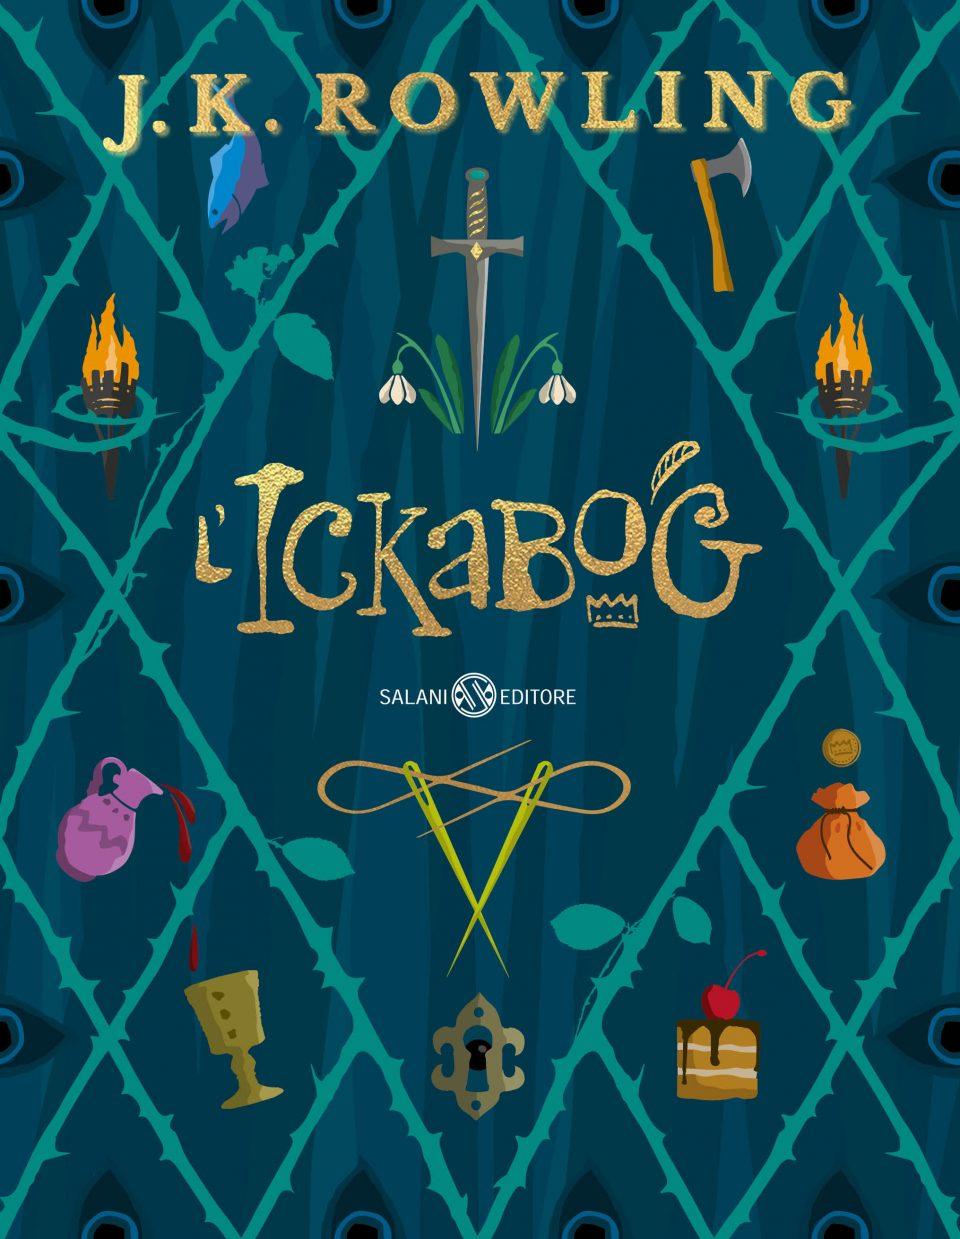 L'Ickabog di J.K. Rowling dal 10 novembre